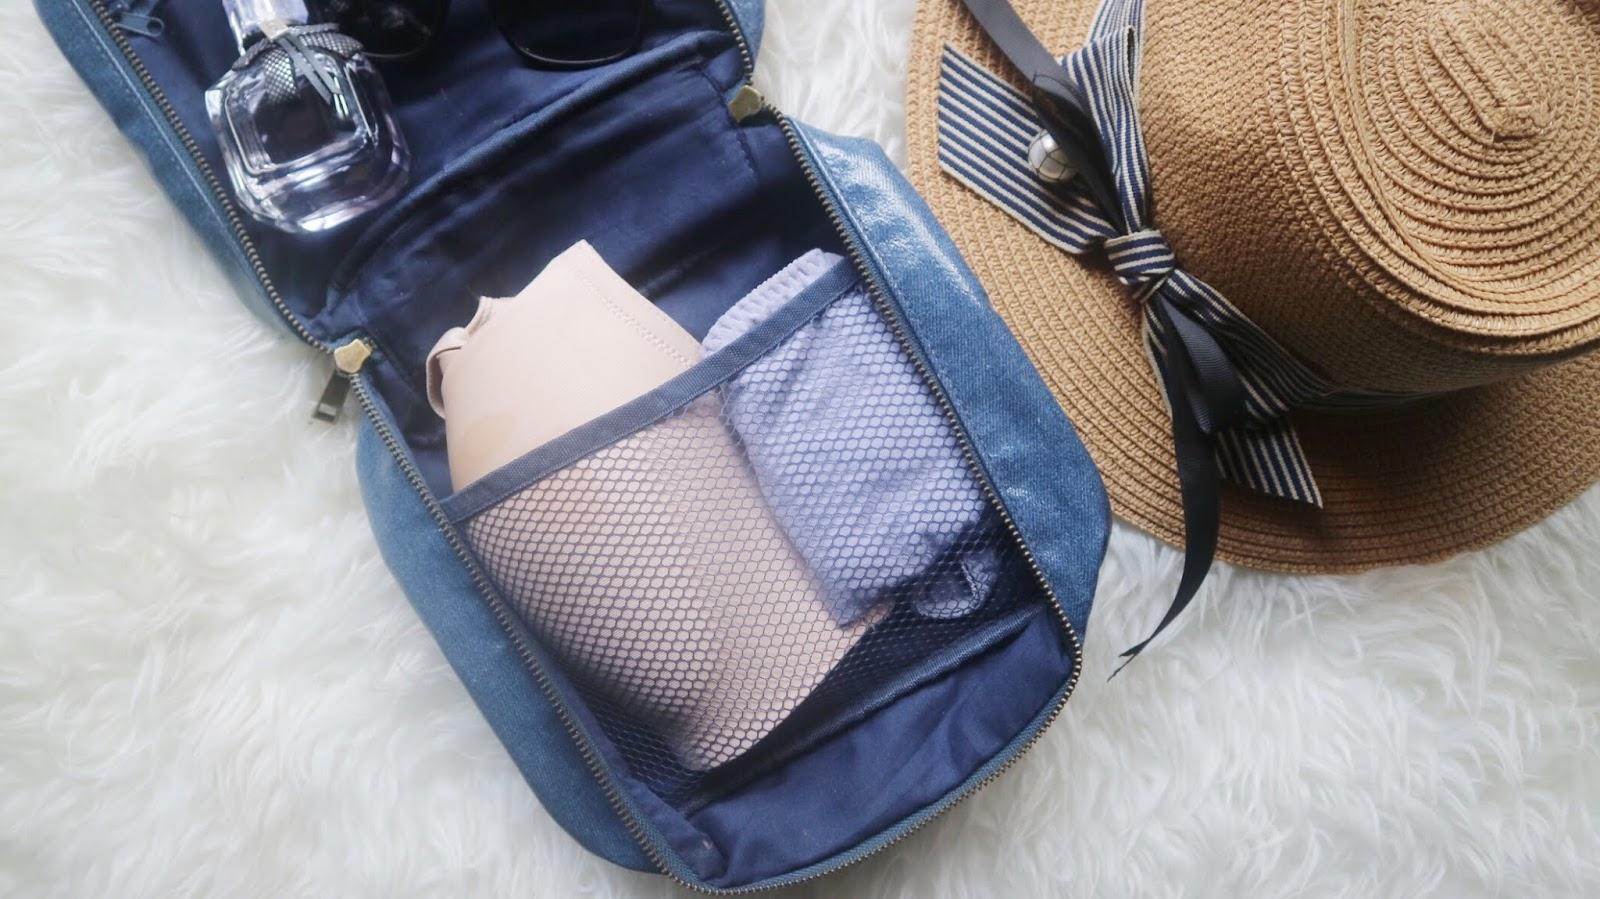 e9bd5c0b87 Travel Bra By Wacoal dapat di gulung dan tidak perlu khawatir akan merusak  bra